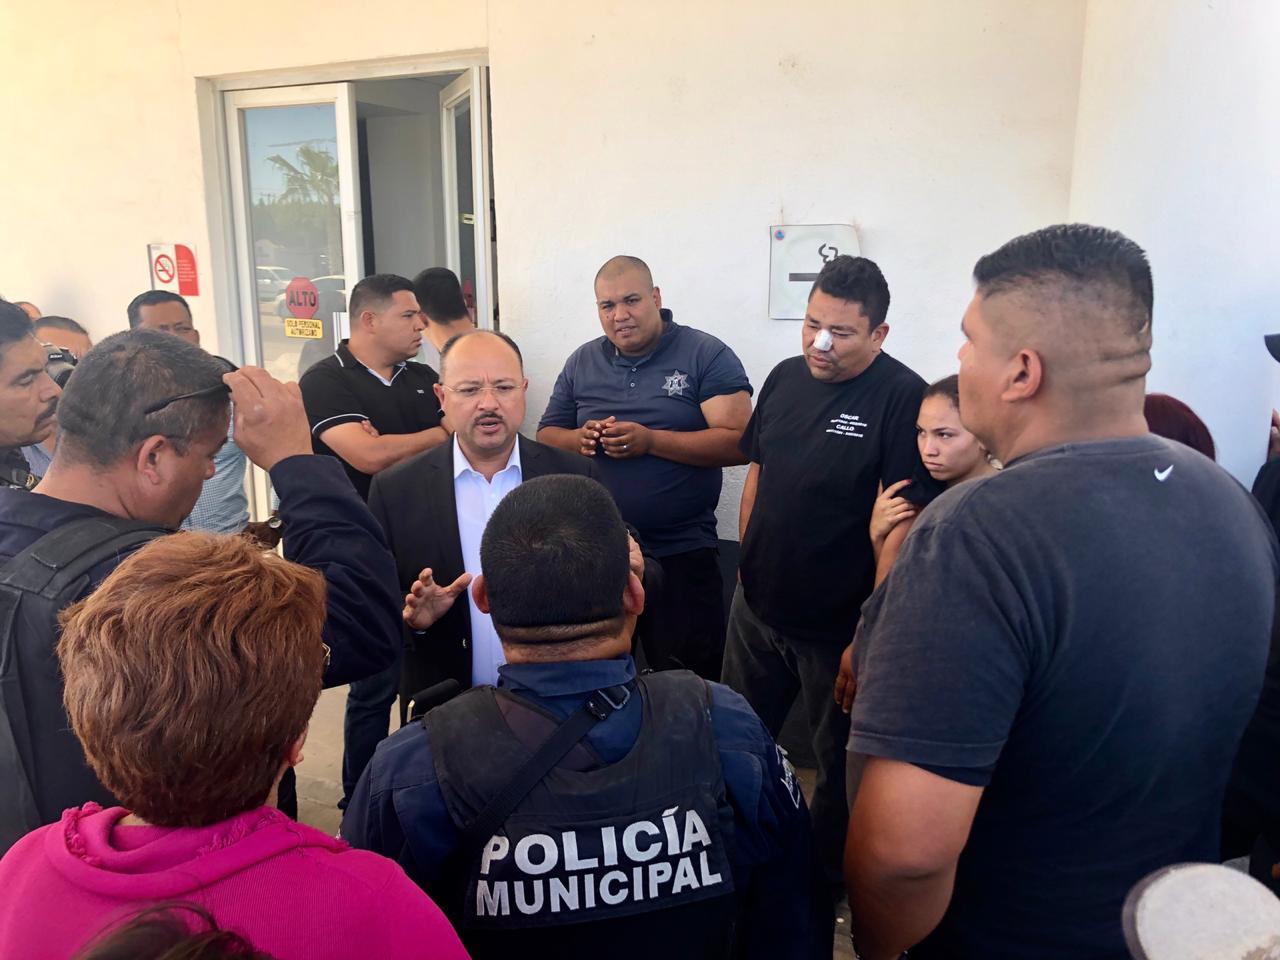 Alcalde reprueba hechos violentos en contra de policias municipales